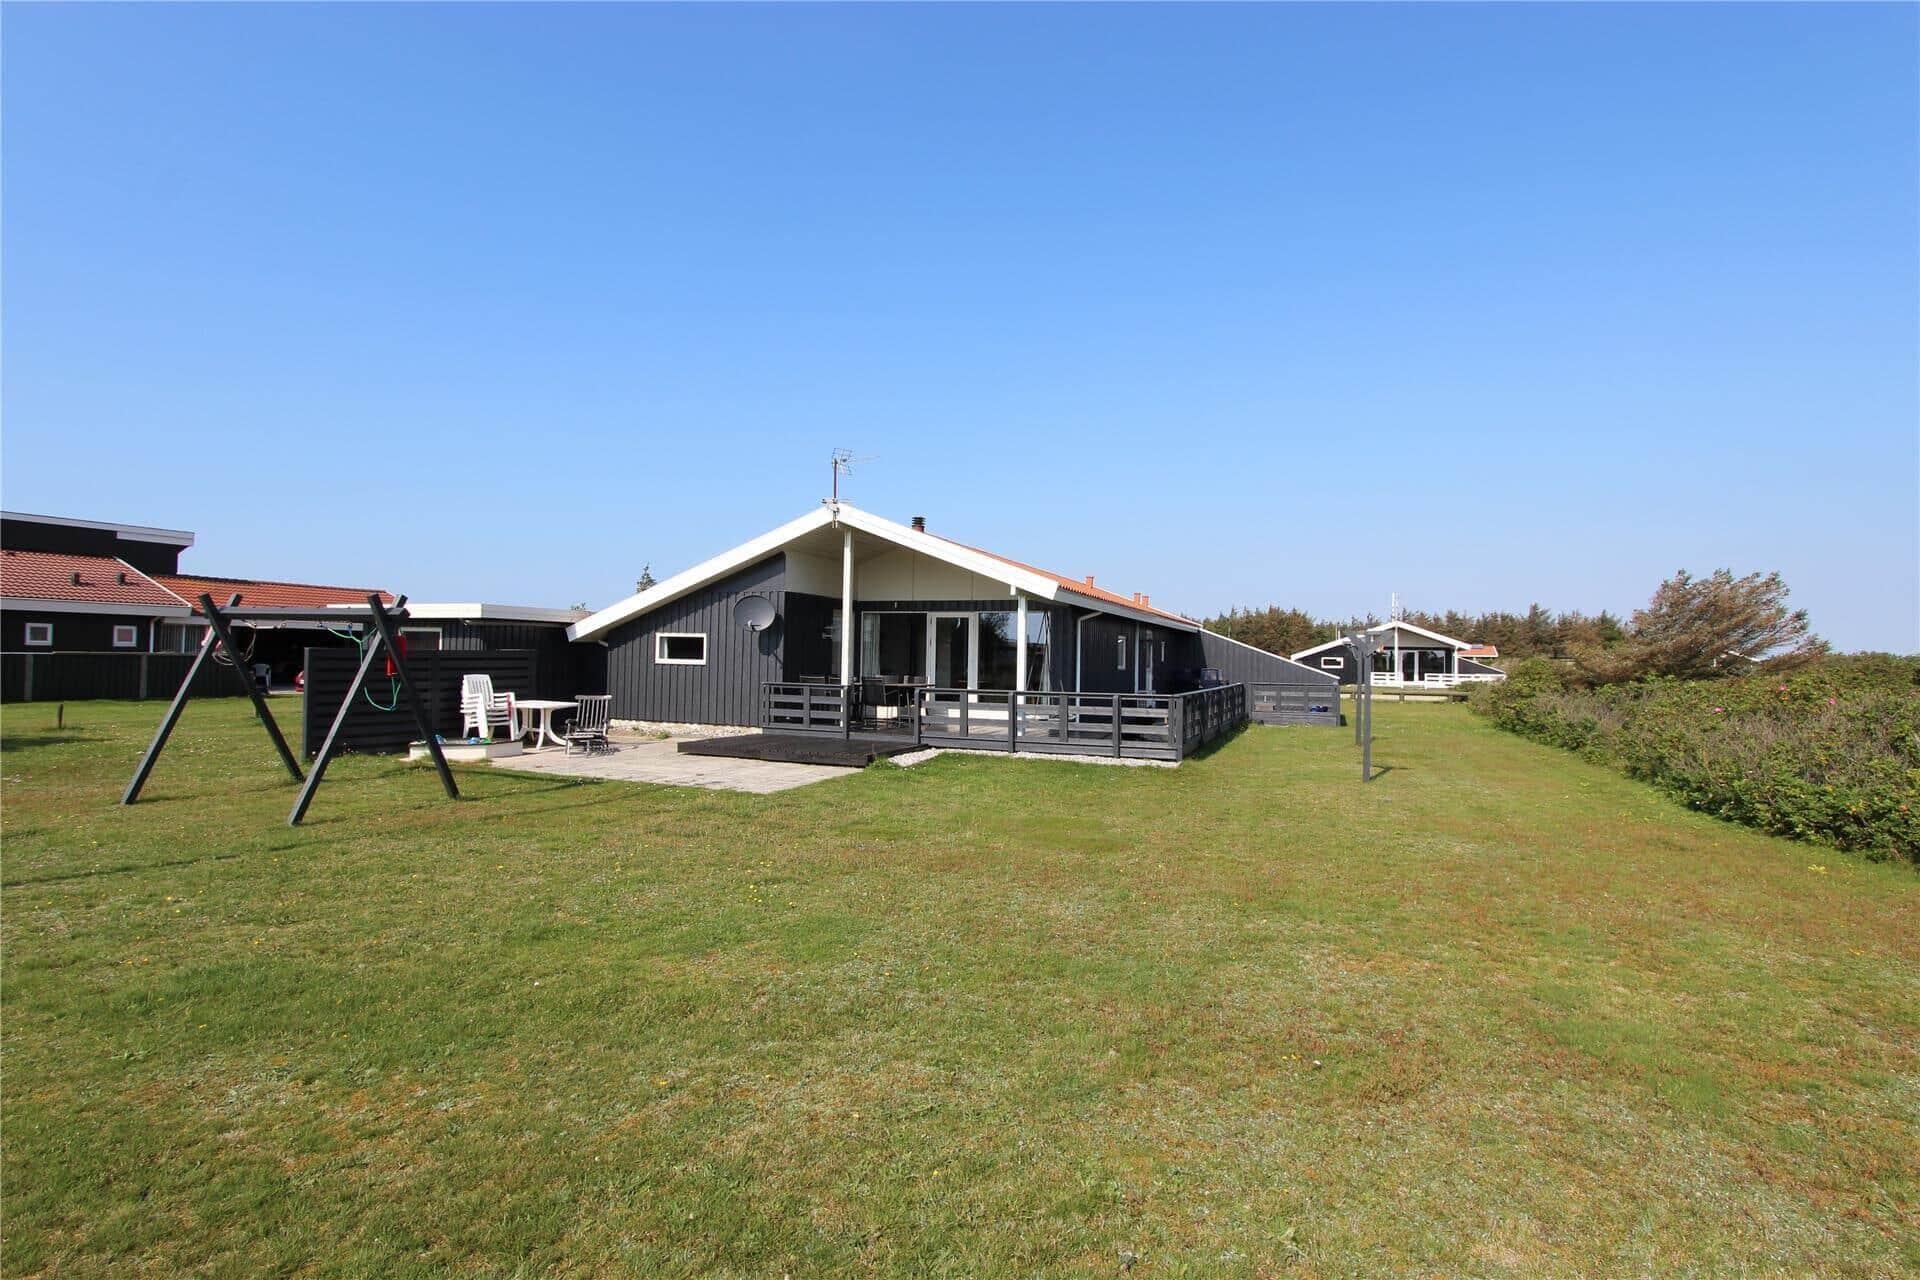 Billede 1-20 Sommerhus 139, Vejlby Klit 71, DK - 7673 Harboøre